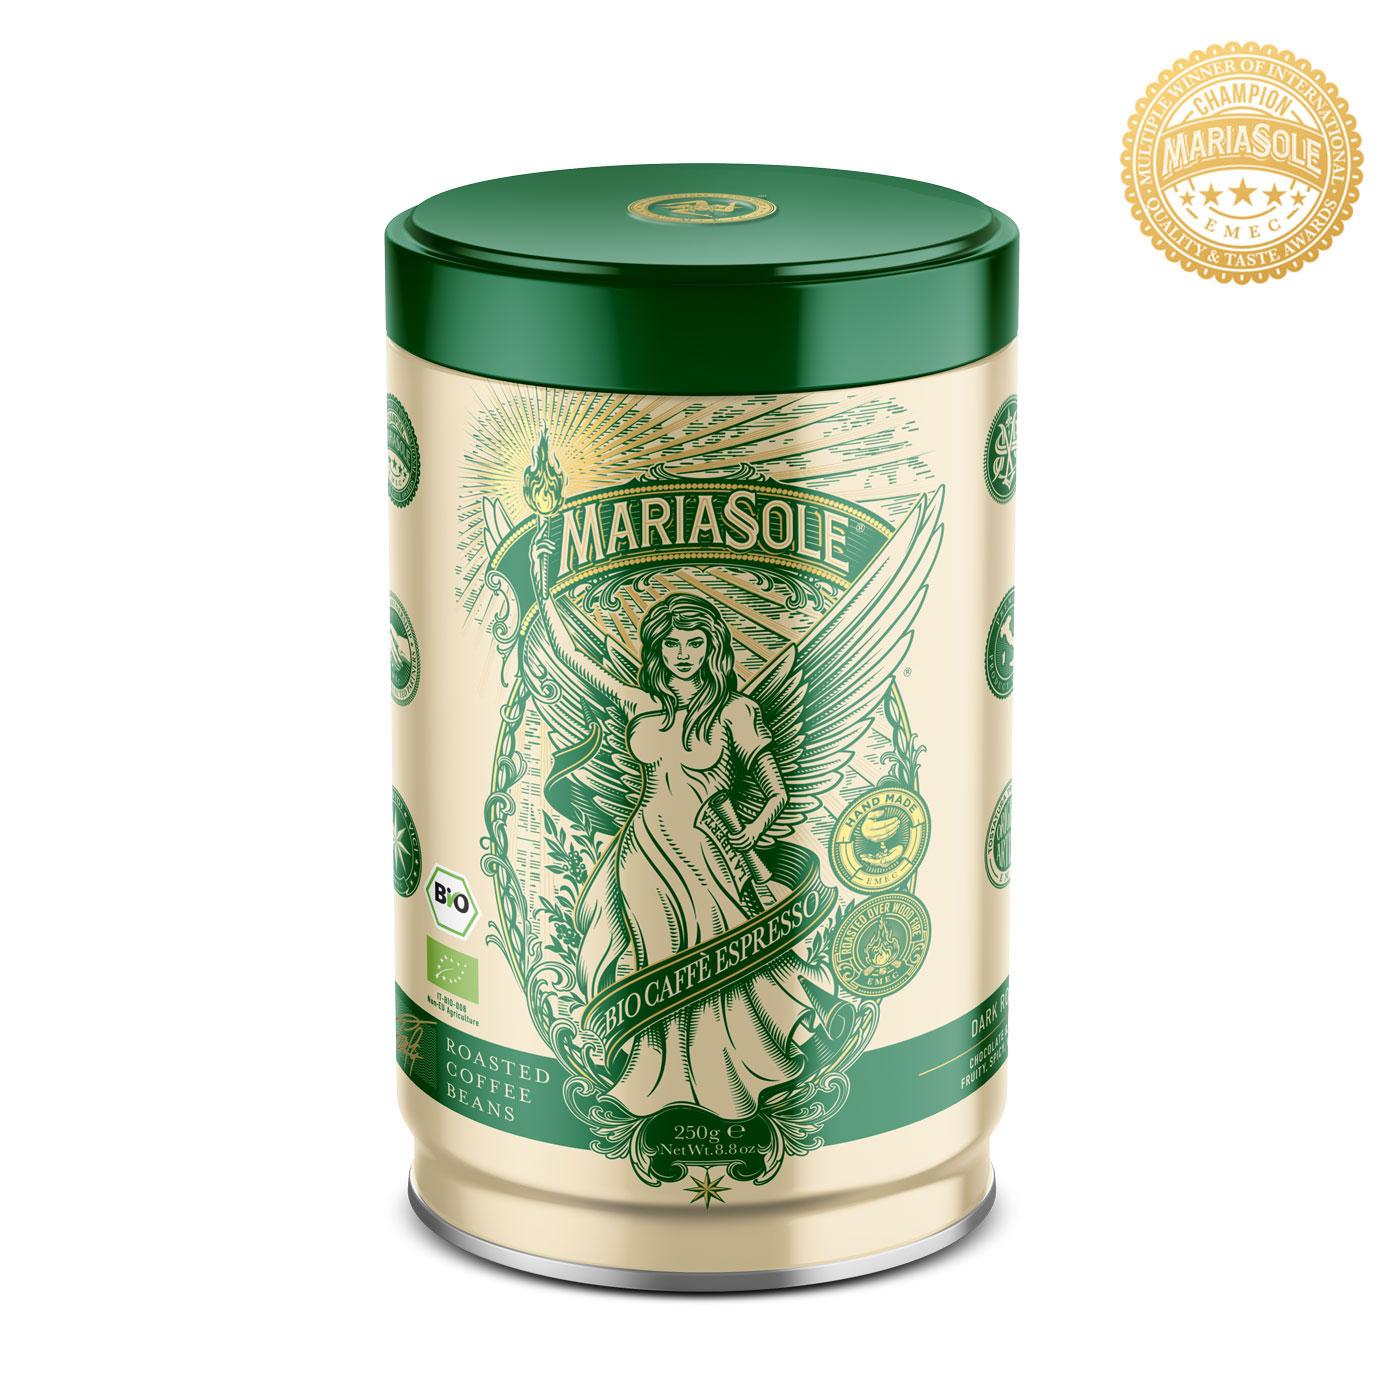 MARIASOLE - BIO Caffè Espresso - 250g - Bohnen